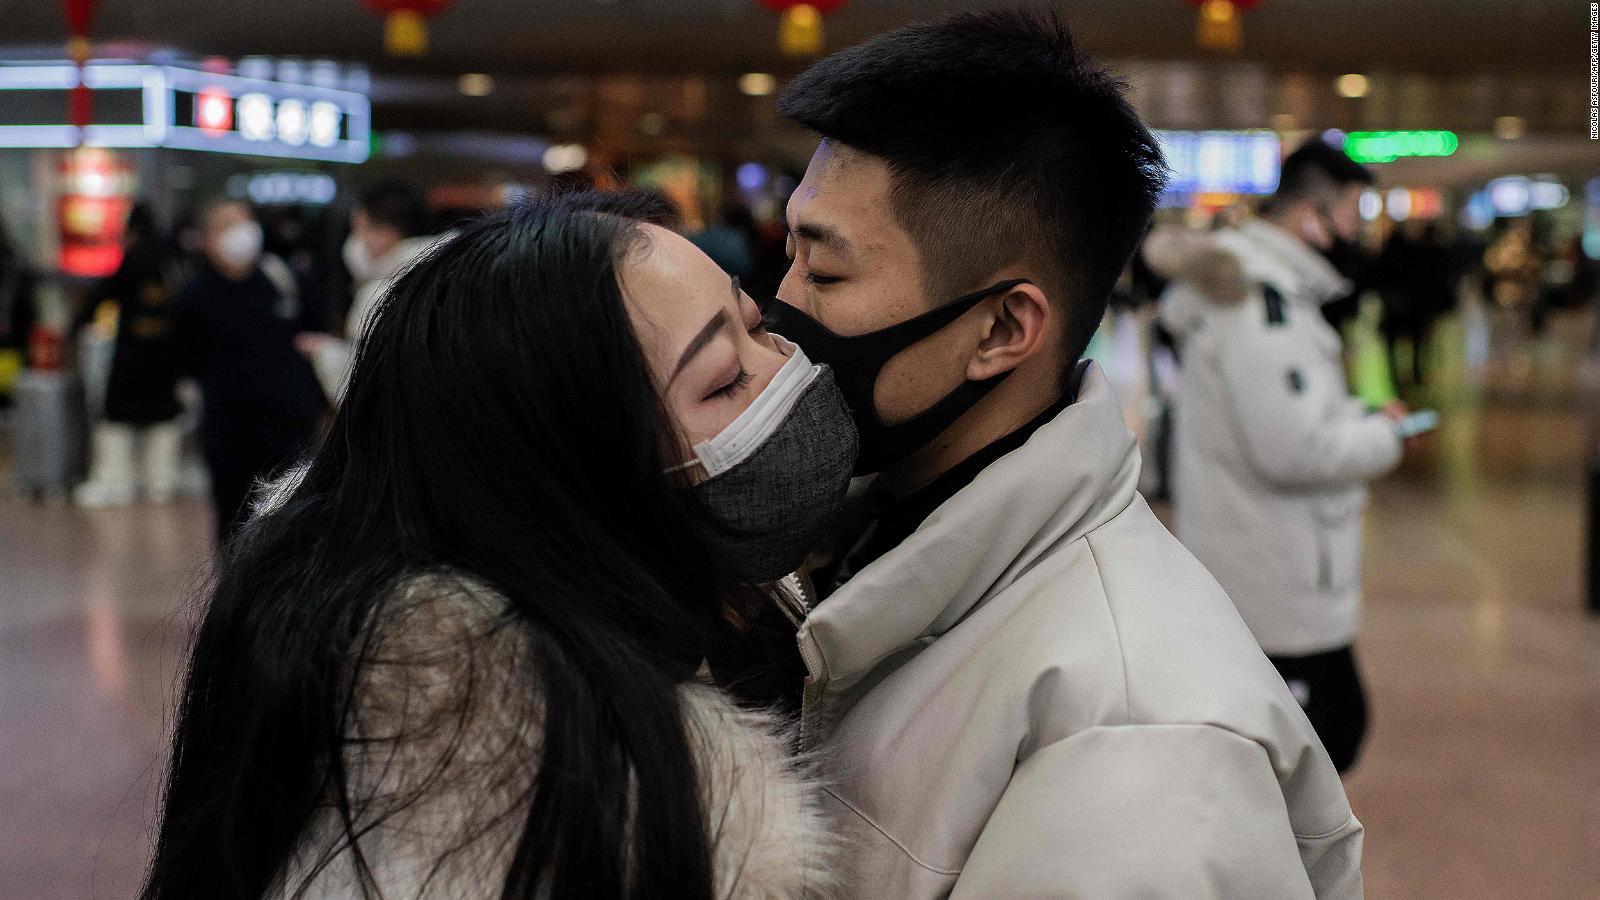 Se puede tener relaciones sexuales durante una pandemia? | Video | CNN